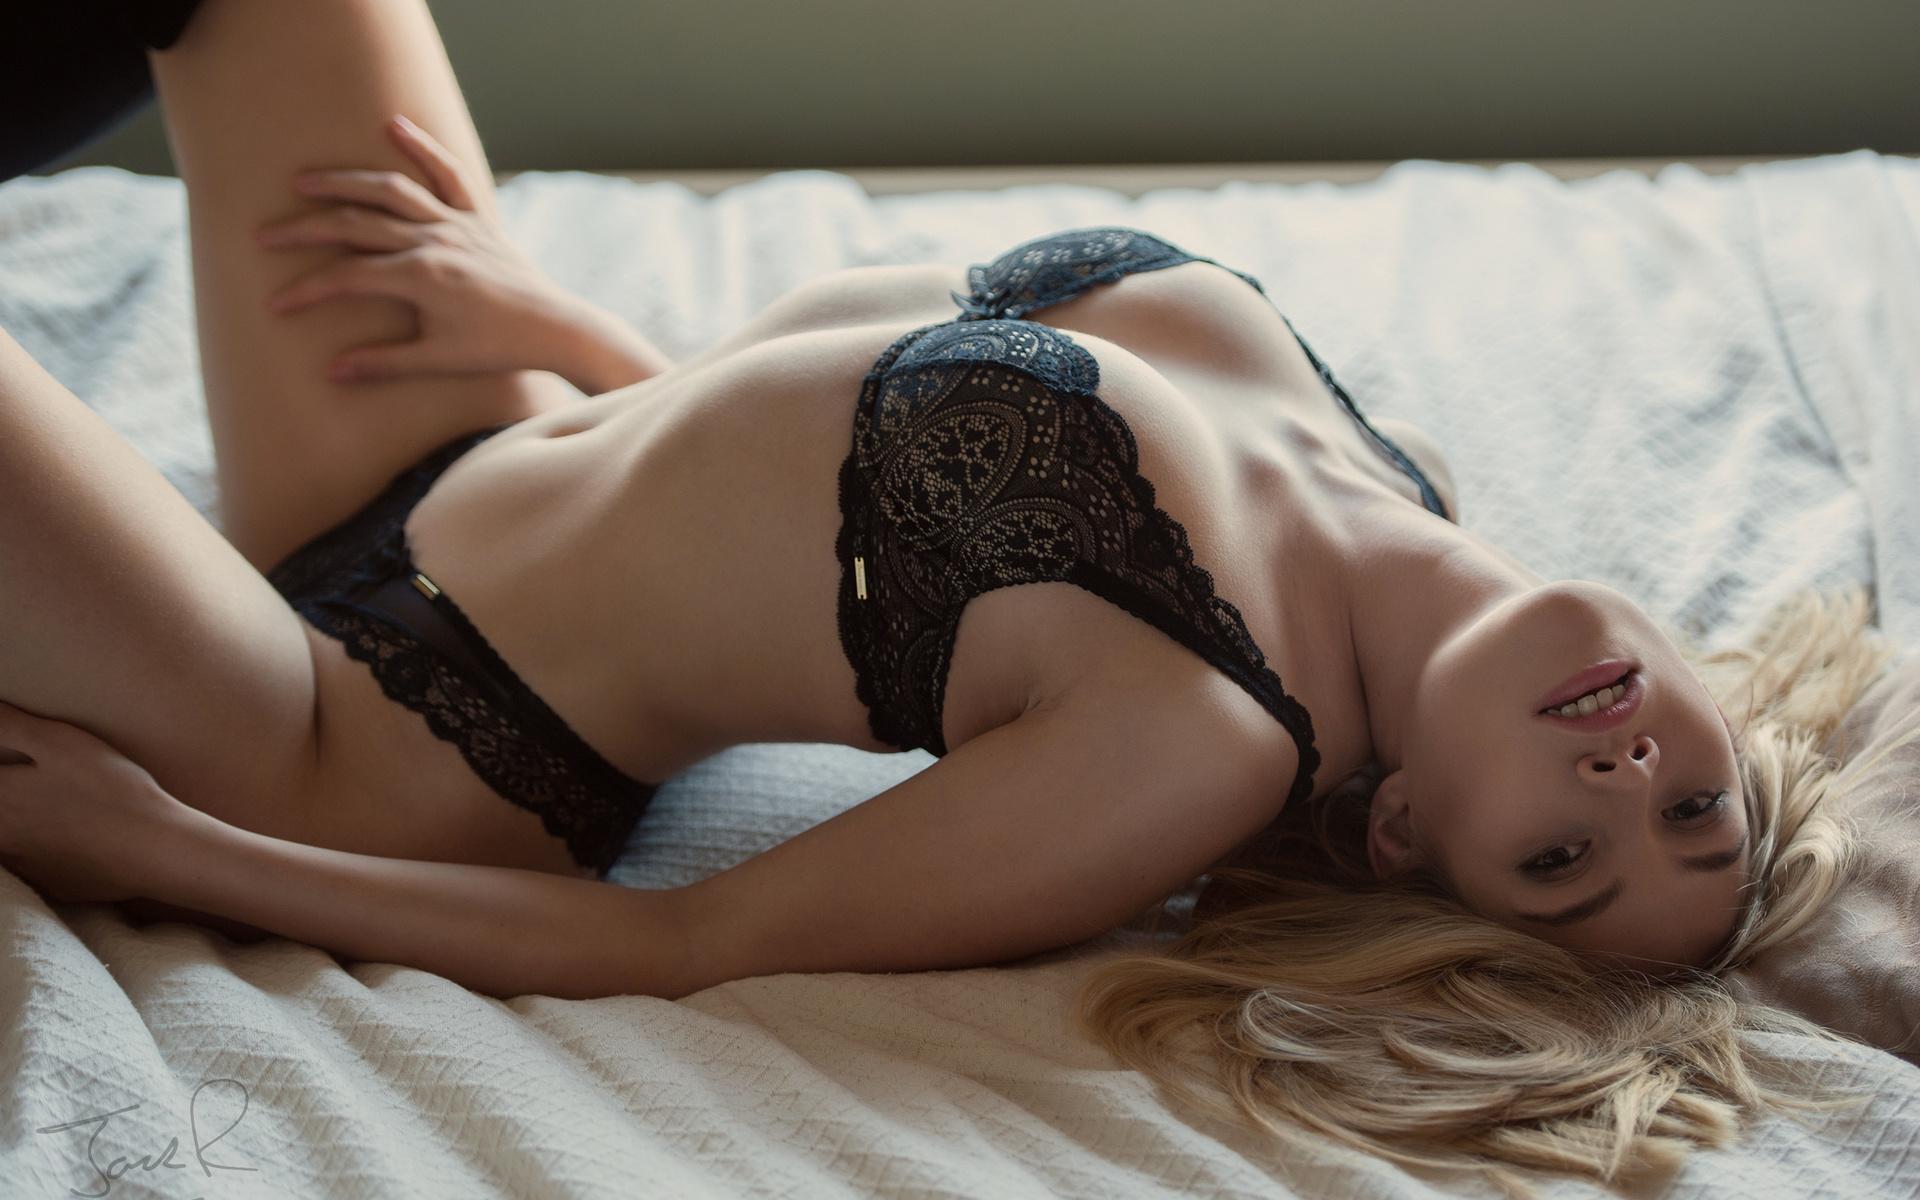 У девушки лежа видно нижнее белье фото, негритянки лижут задницу